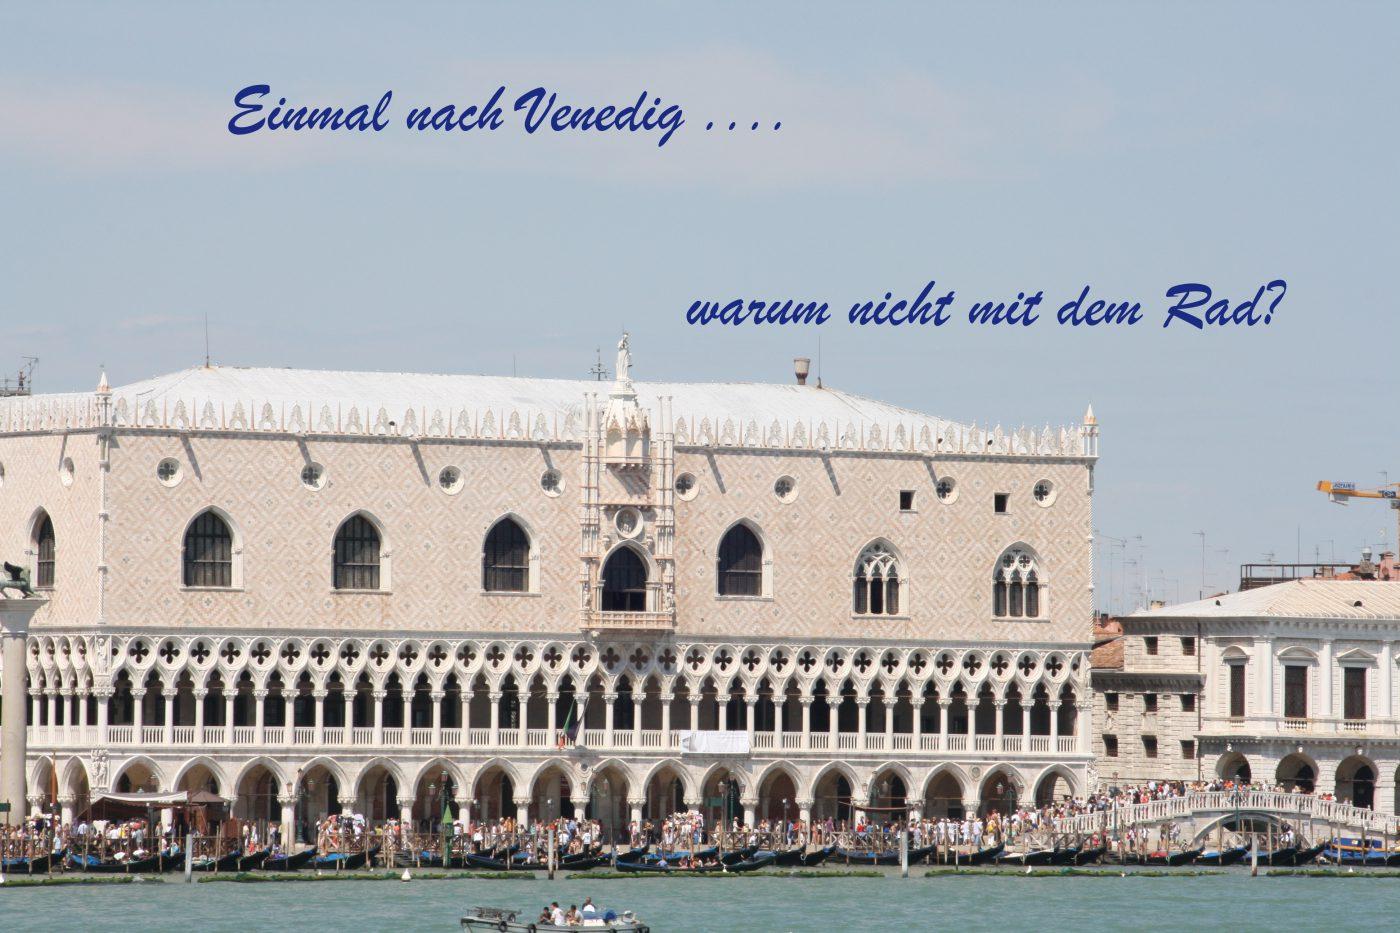 Vom Brenner nach Venedig, mit dem Rad 1. Teil - Das fliegende Klassenzimmer